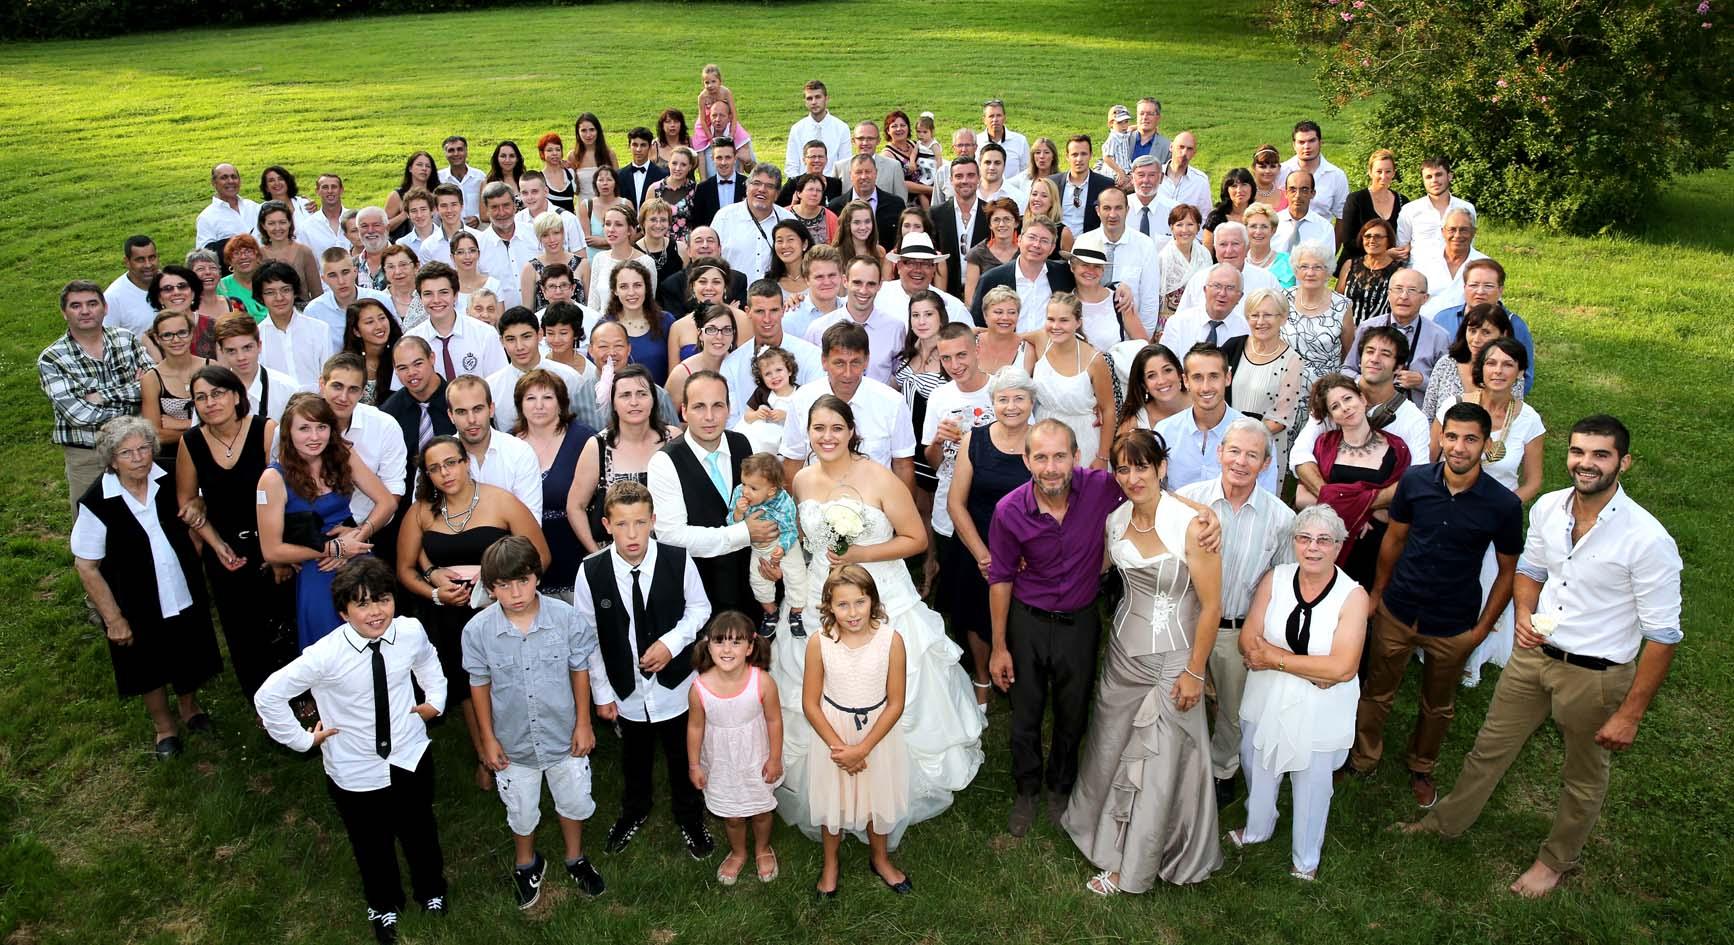 Photographe mariage auch gers s bastien lapeyr re - Photo de groupe mariage ...